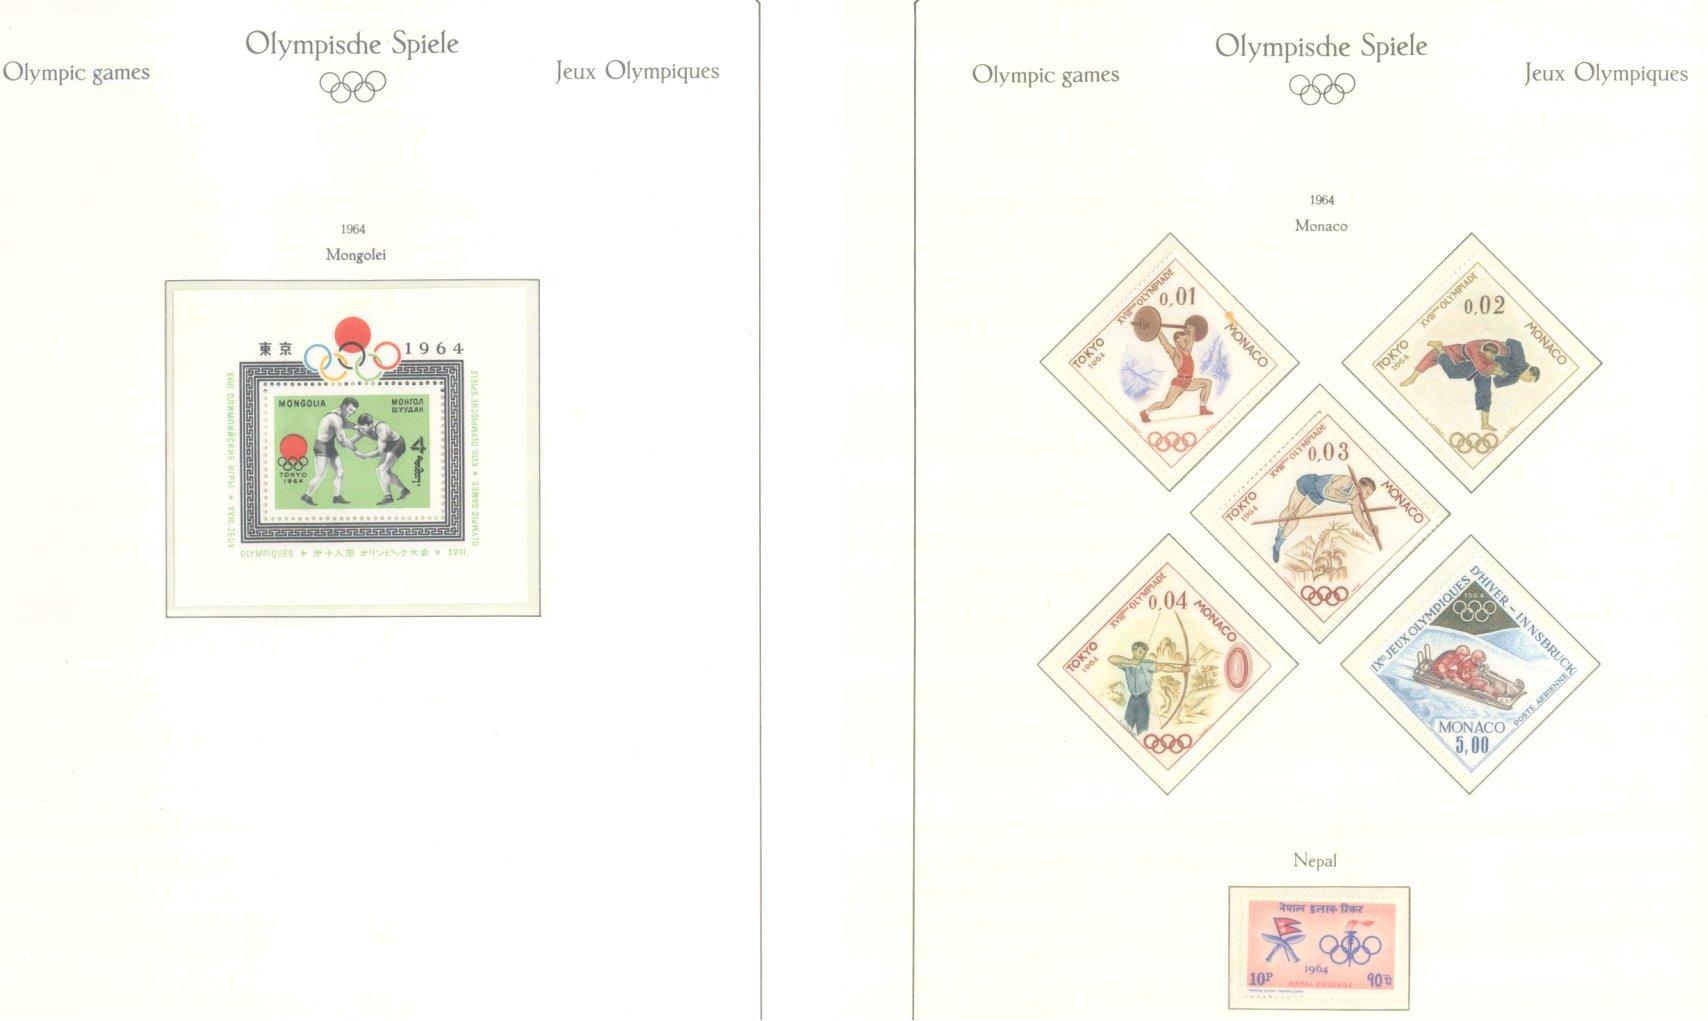 OLYMPISCHE SPIELE 1964 TOKIO, postfrische Sammlung Teil 1-48